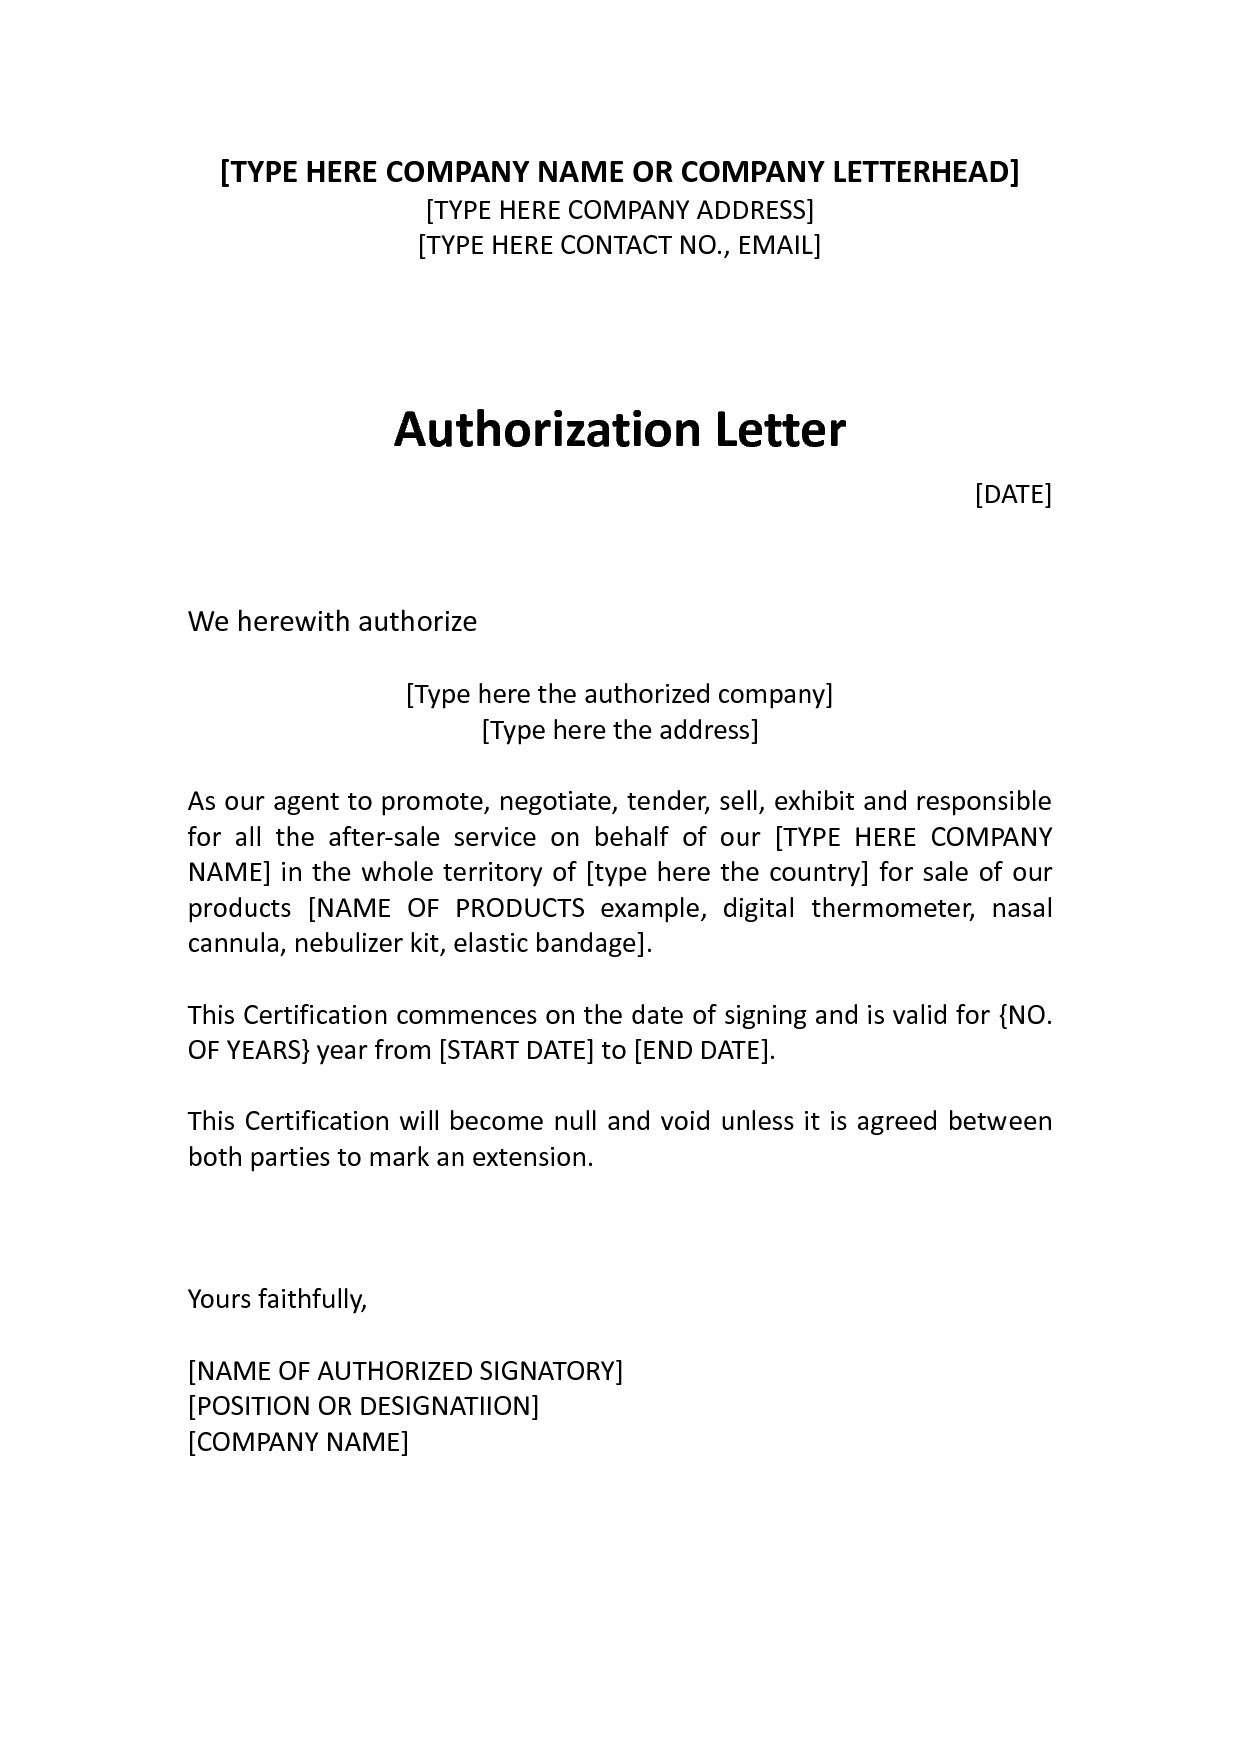 Authorization Letter Format PDF